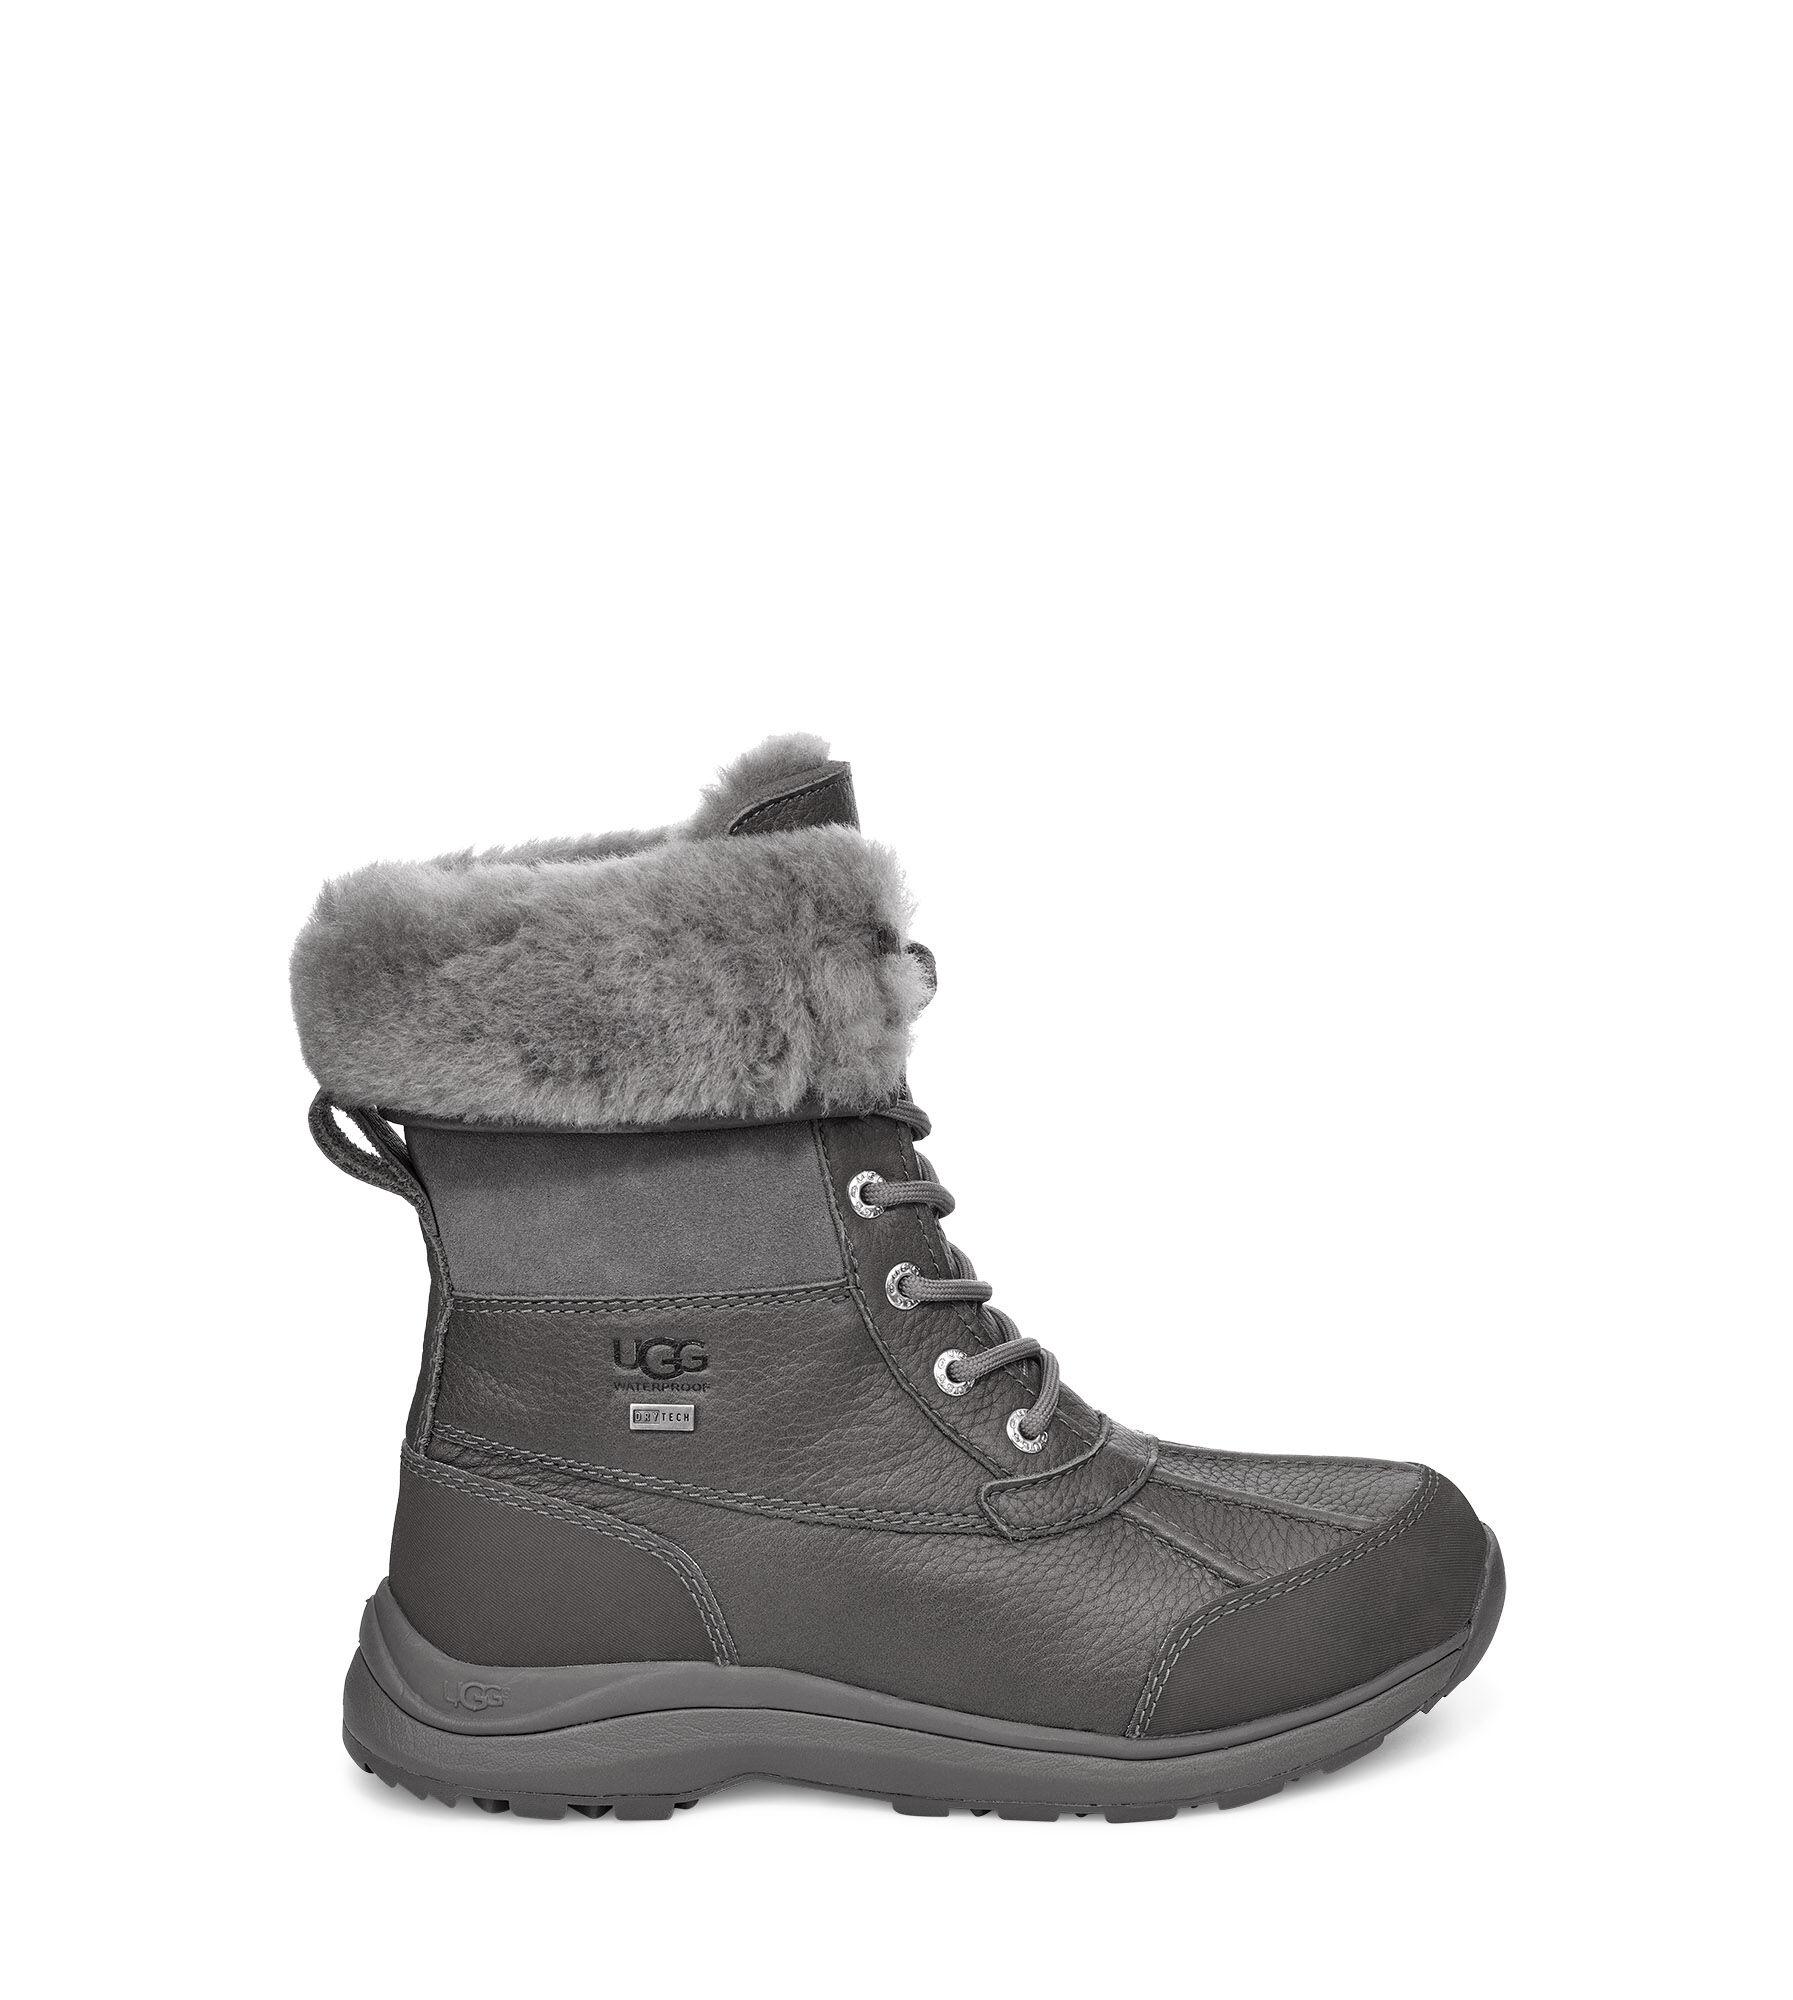 UGG® Adirondack III Boot for Women